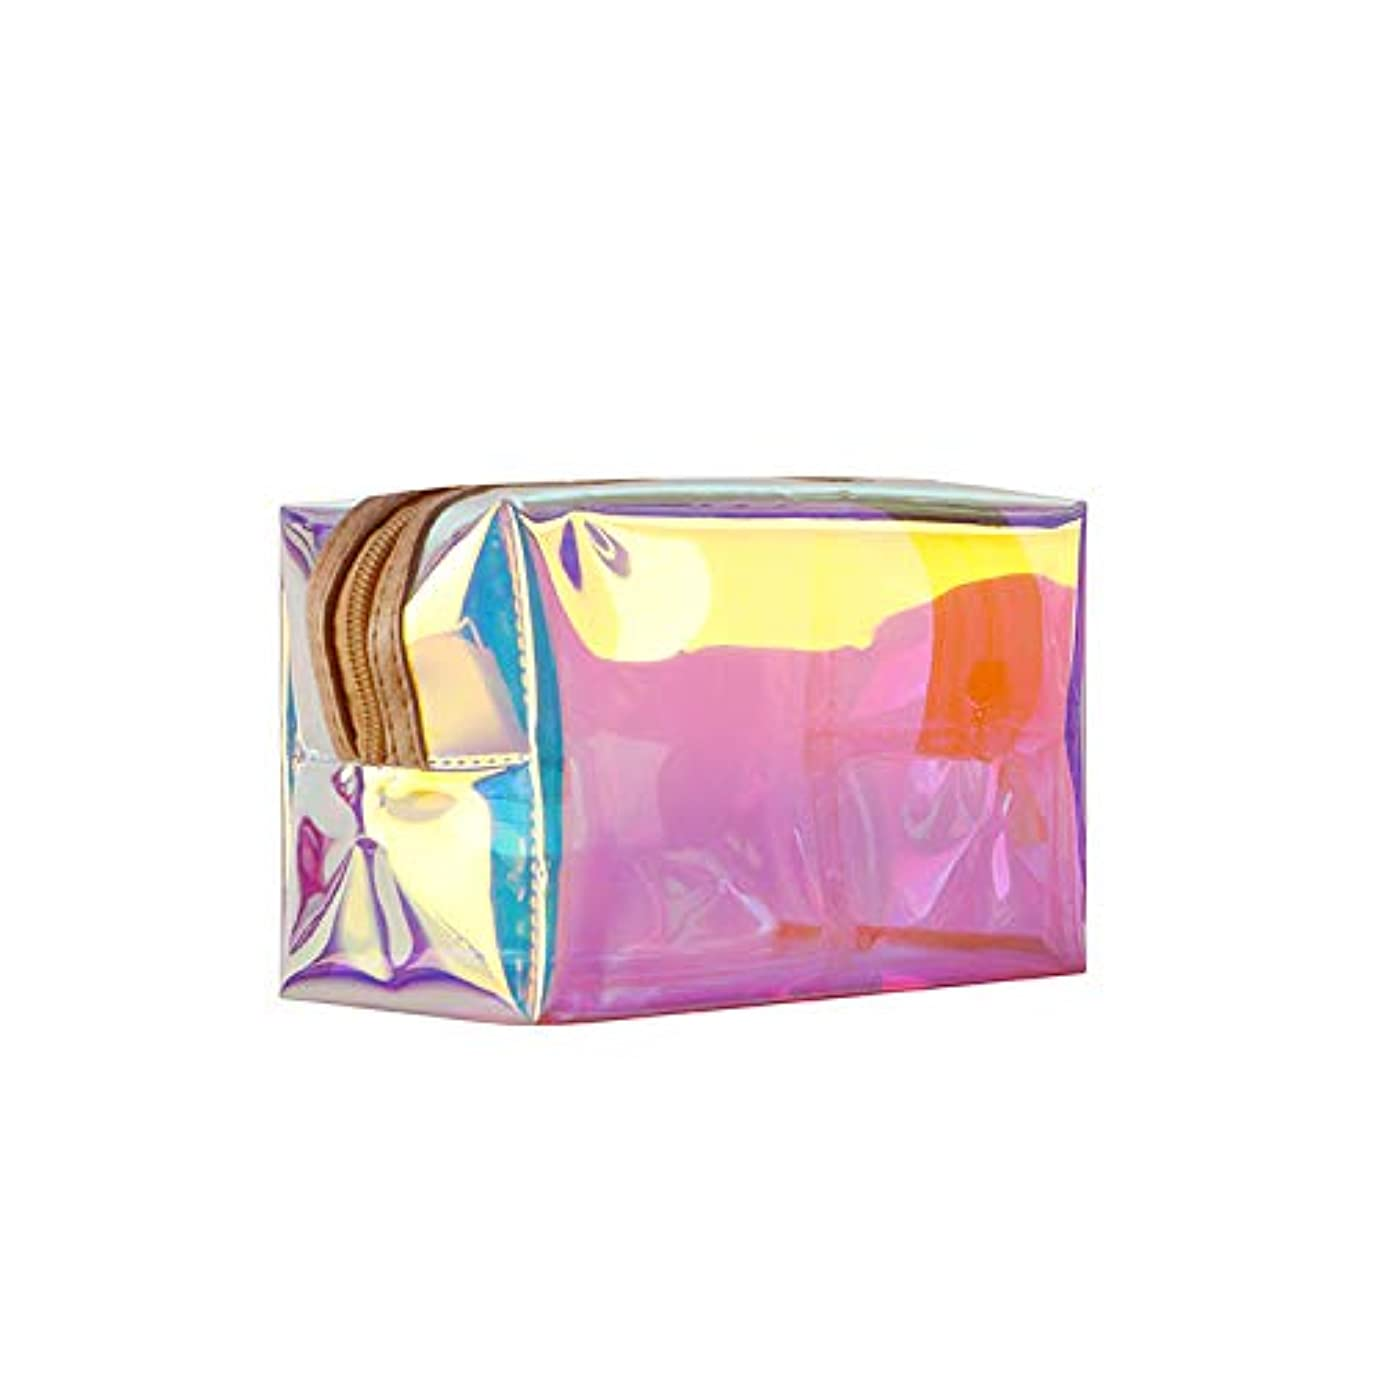 ホーム朵 メイクポーチ 化粧バッグ オーロラカラー レーザー 透明バッグ 防水 収納携帯用 おしゃれ コスメポーチ たっぷり収納 旅行 便利 大容量 超軽量